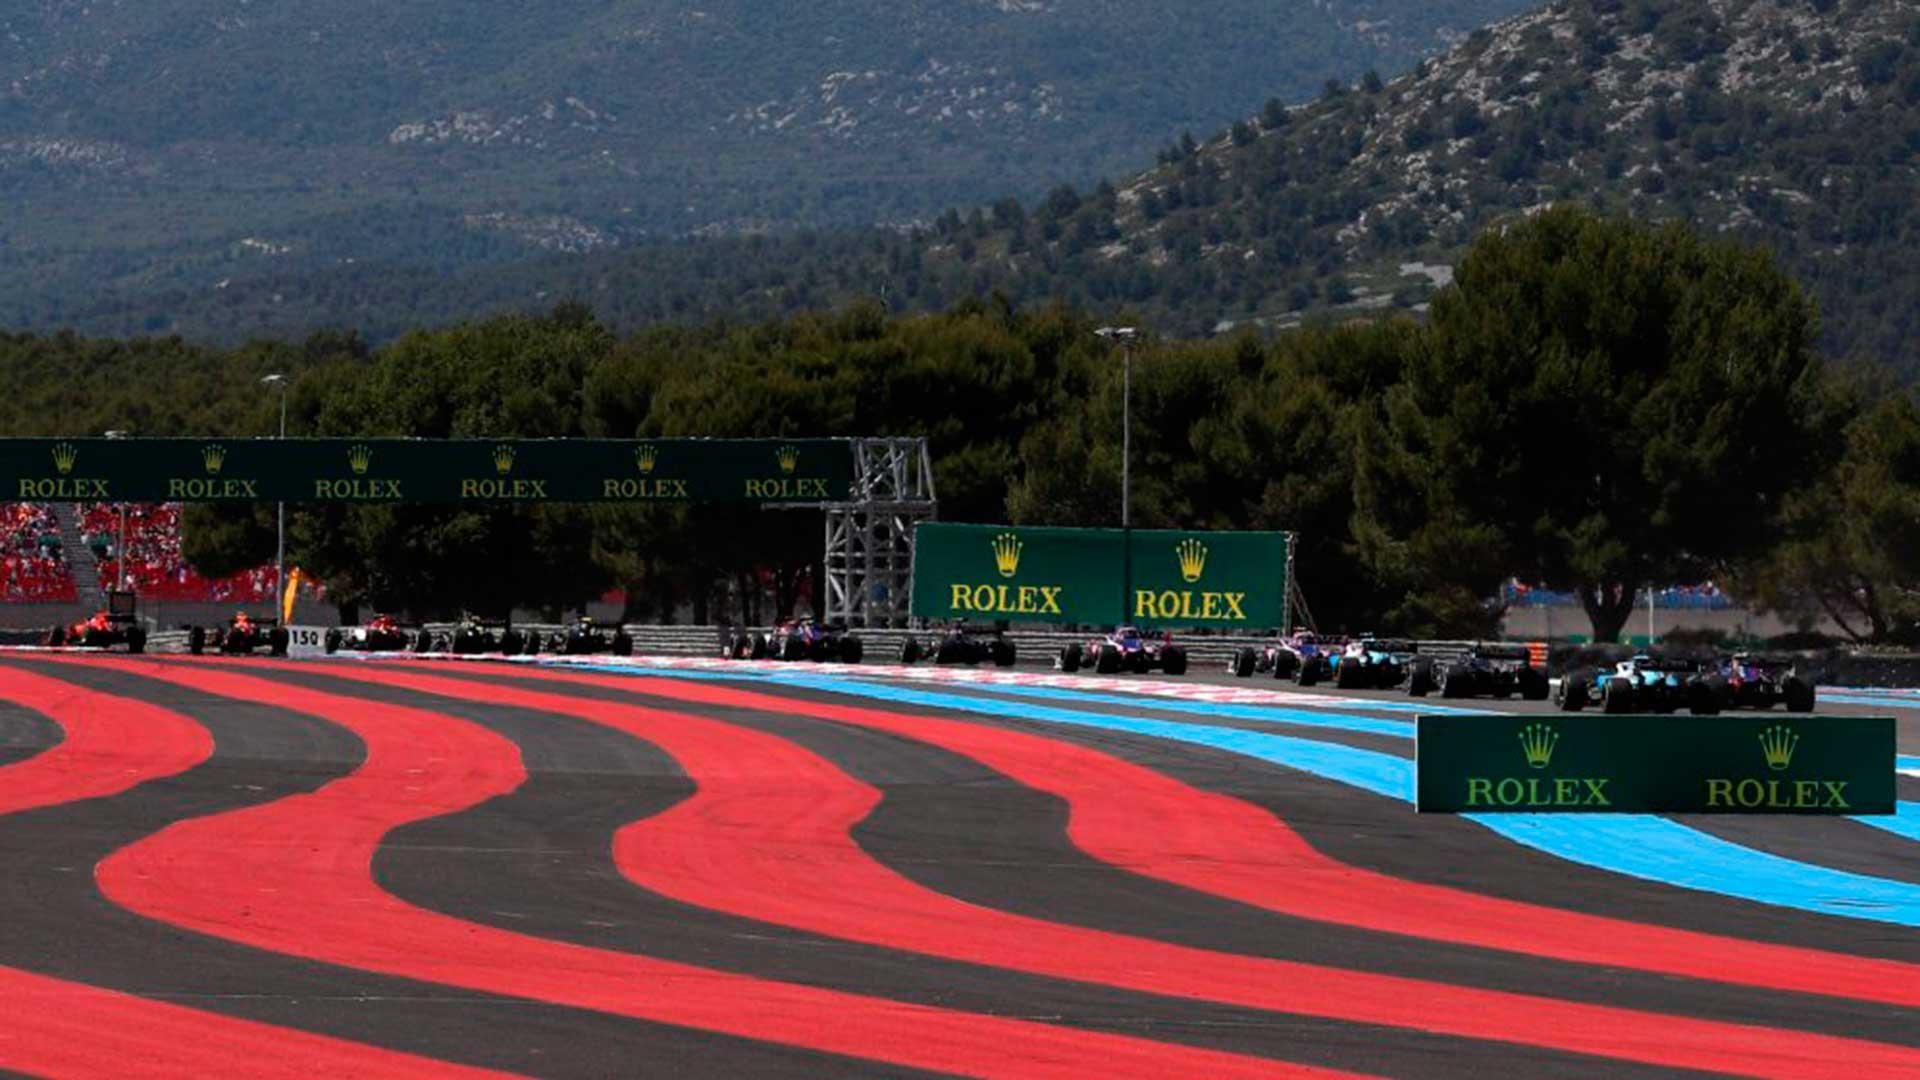 Gran Premio de Francia de Fórmula 1 2021: horarios y televisión